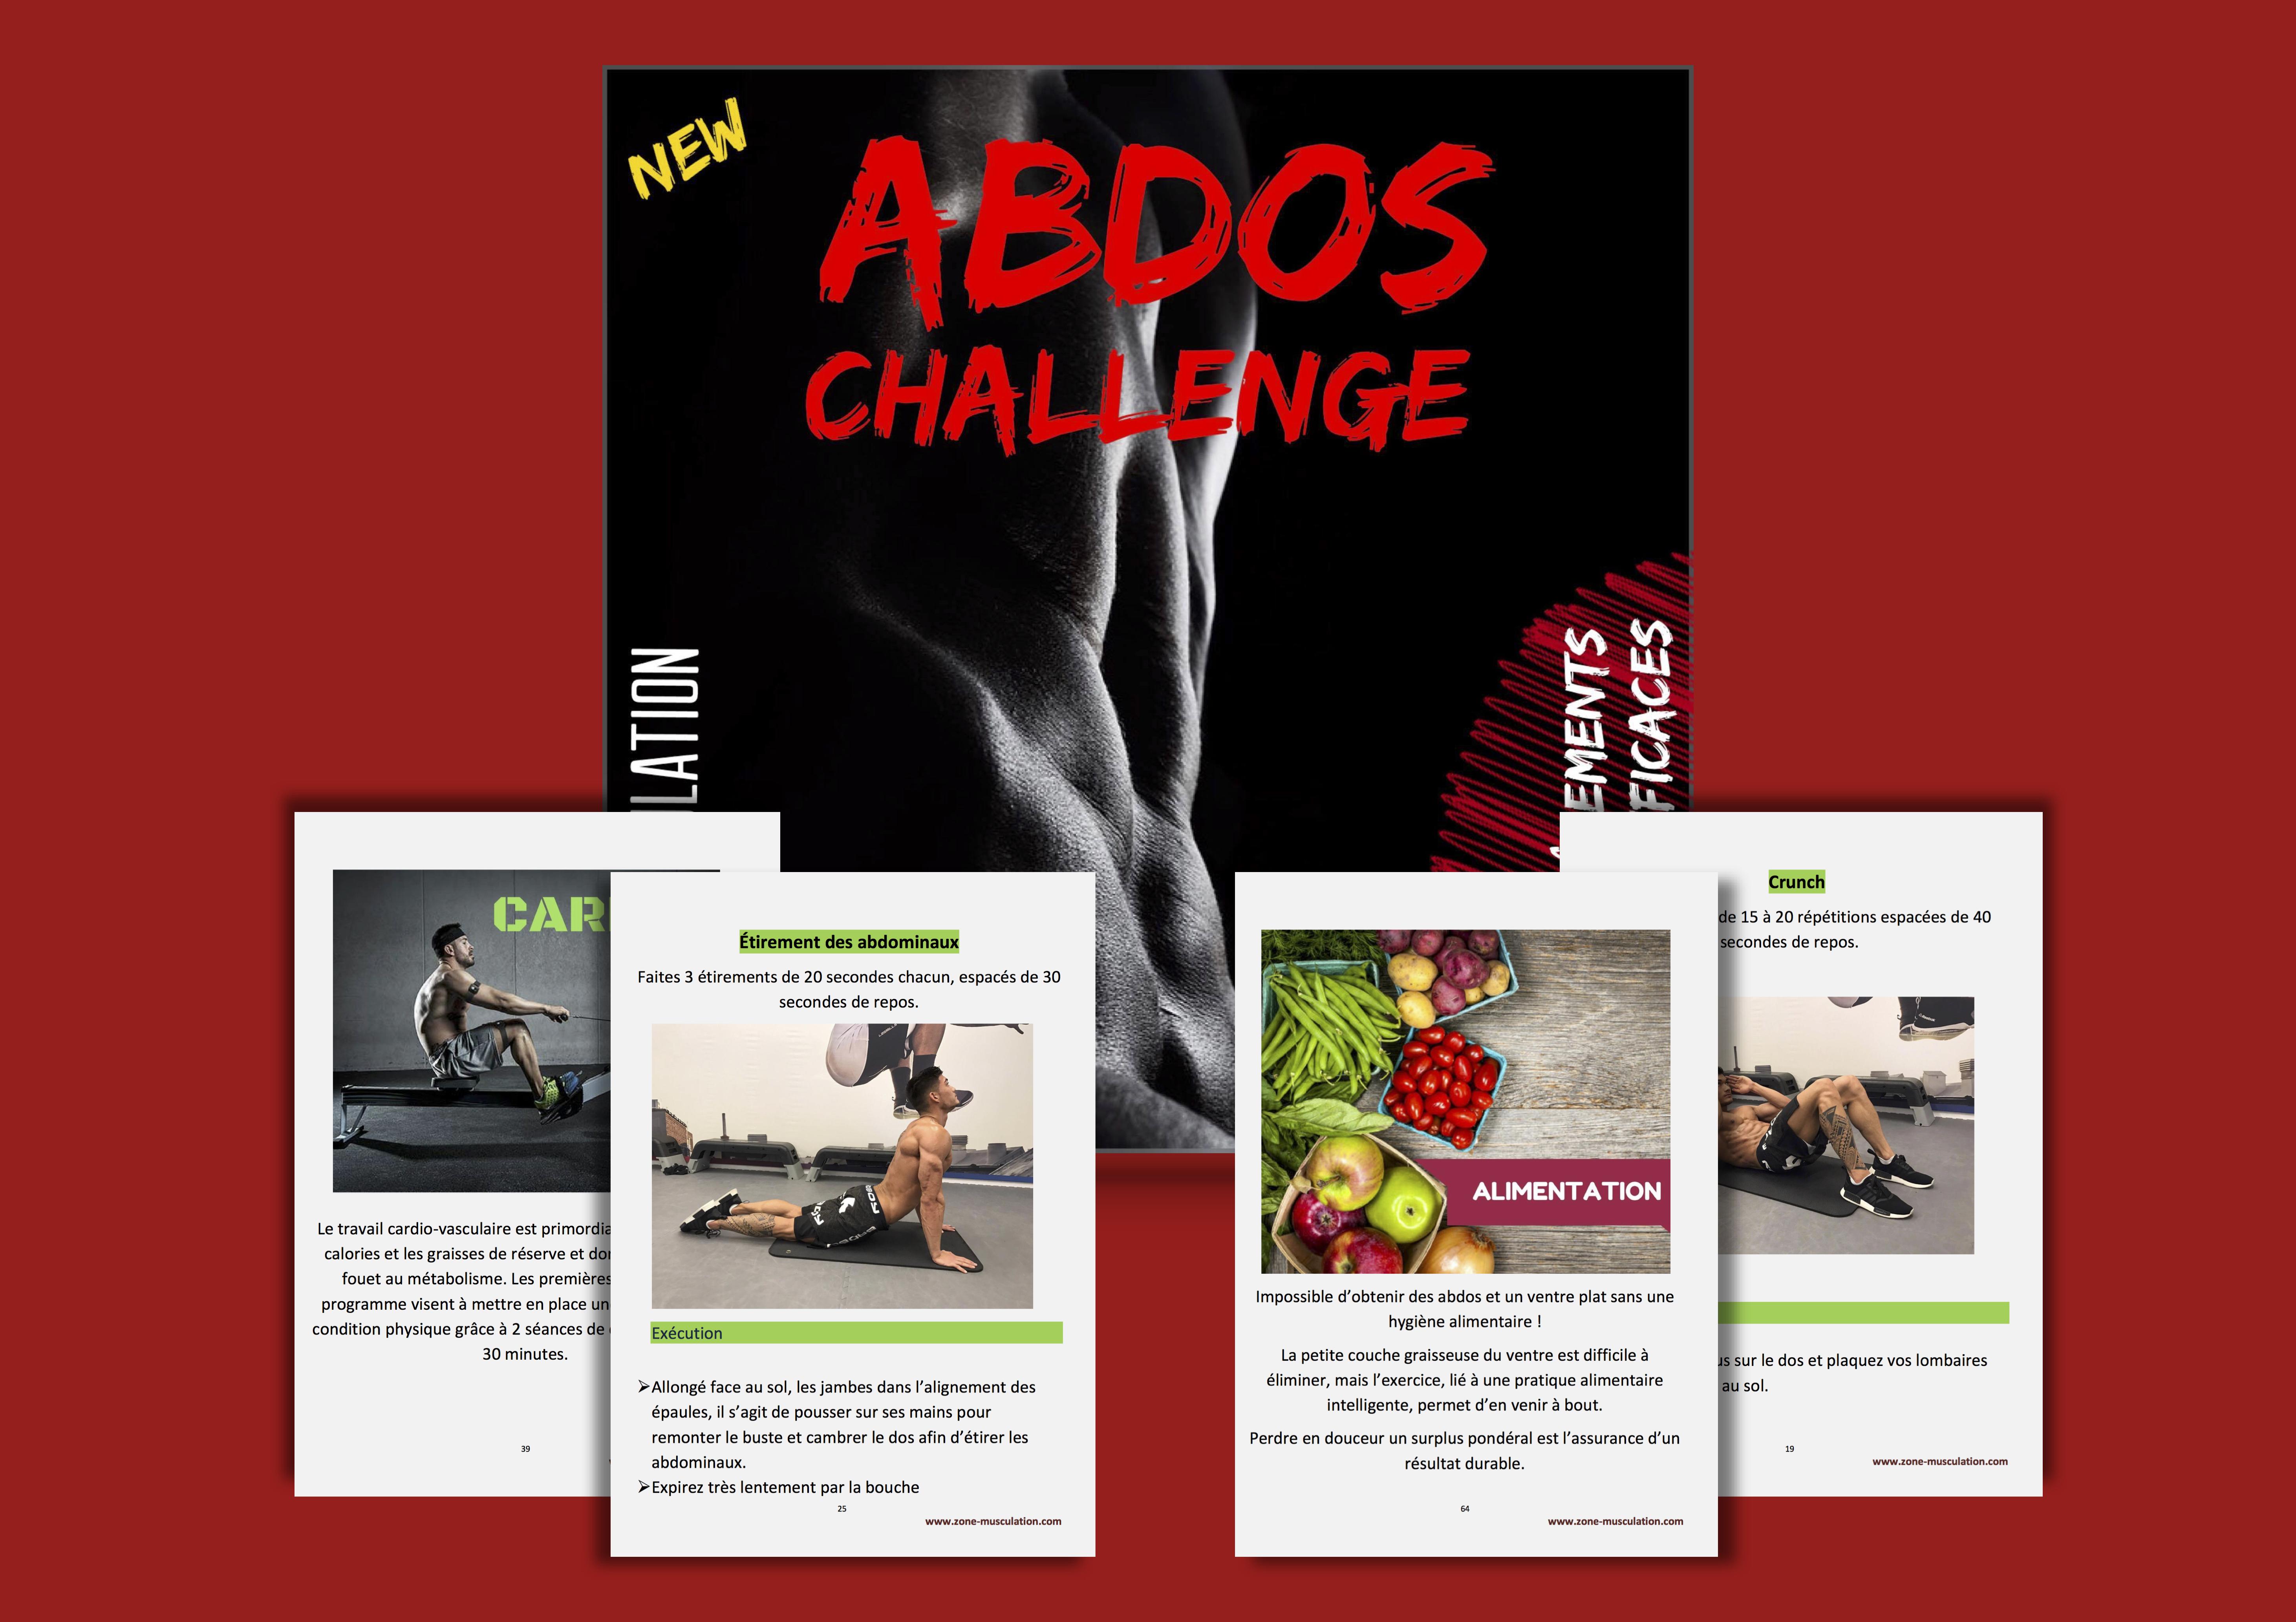 abdos challenge homme